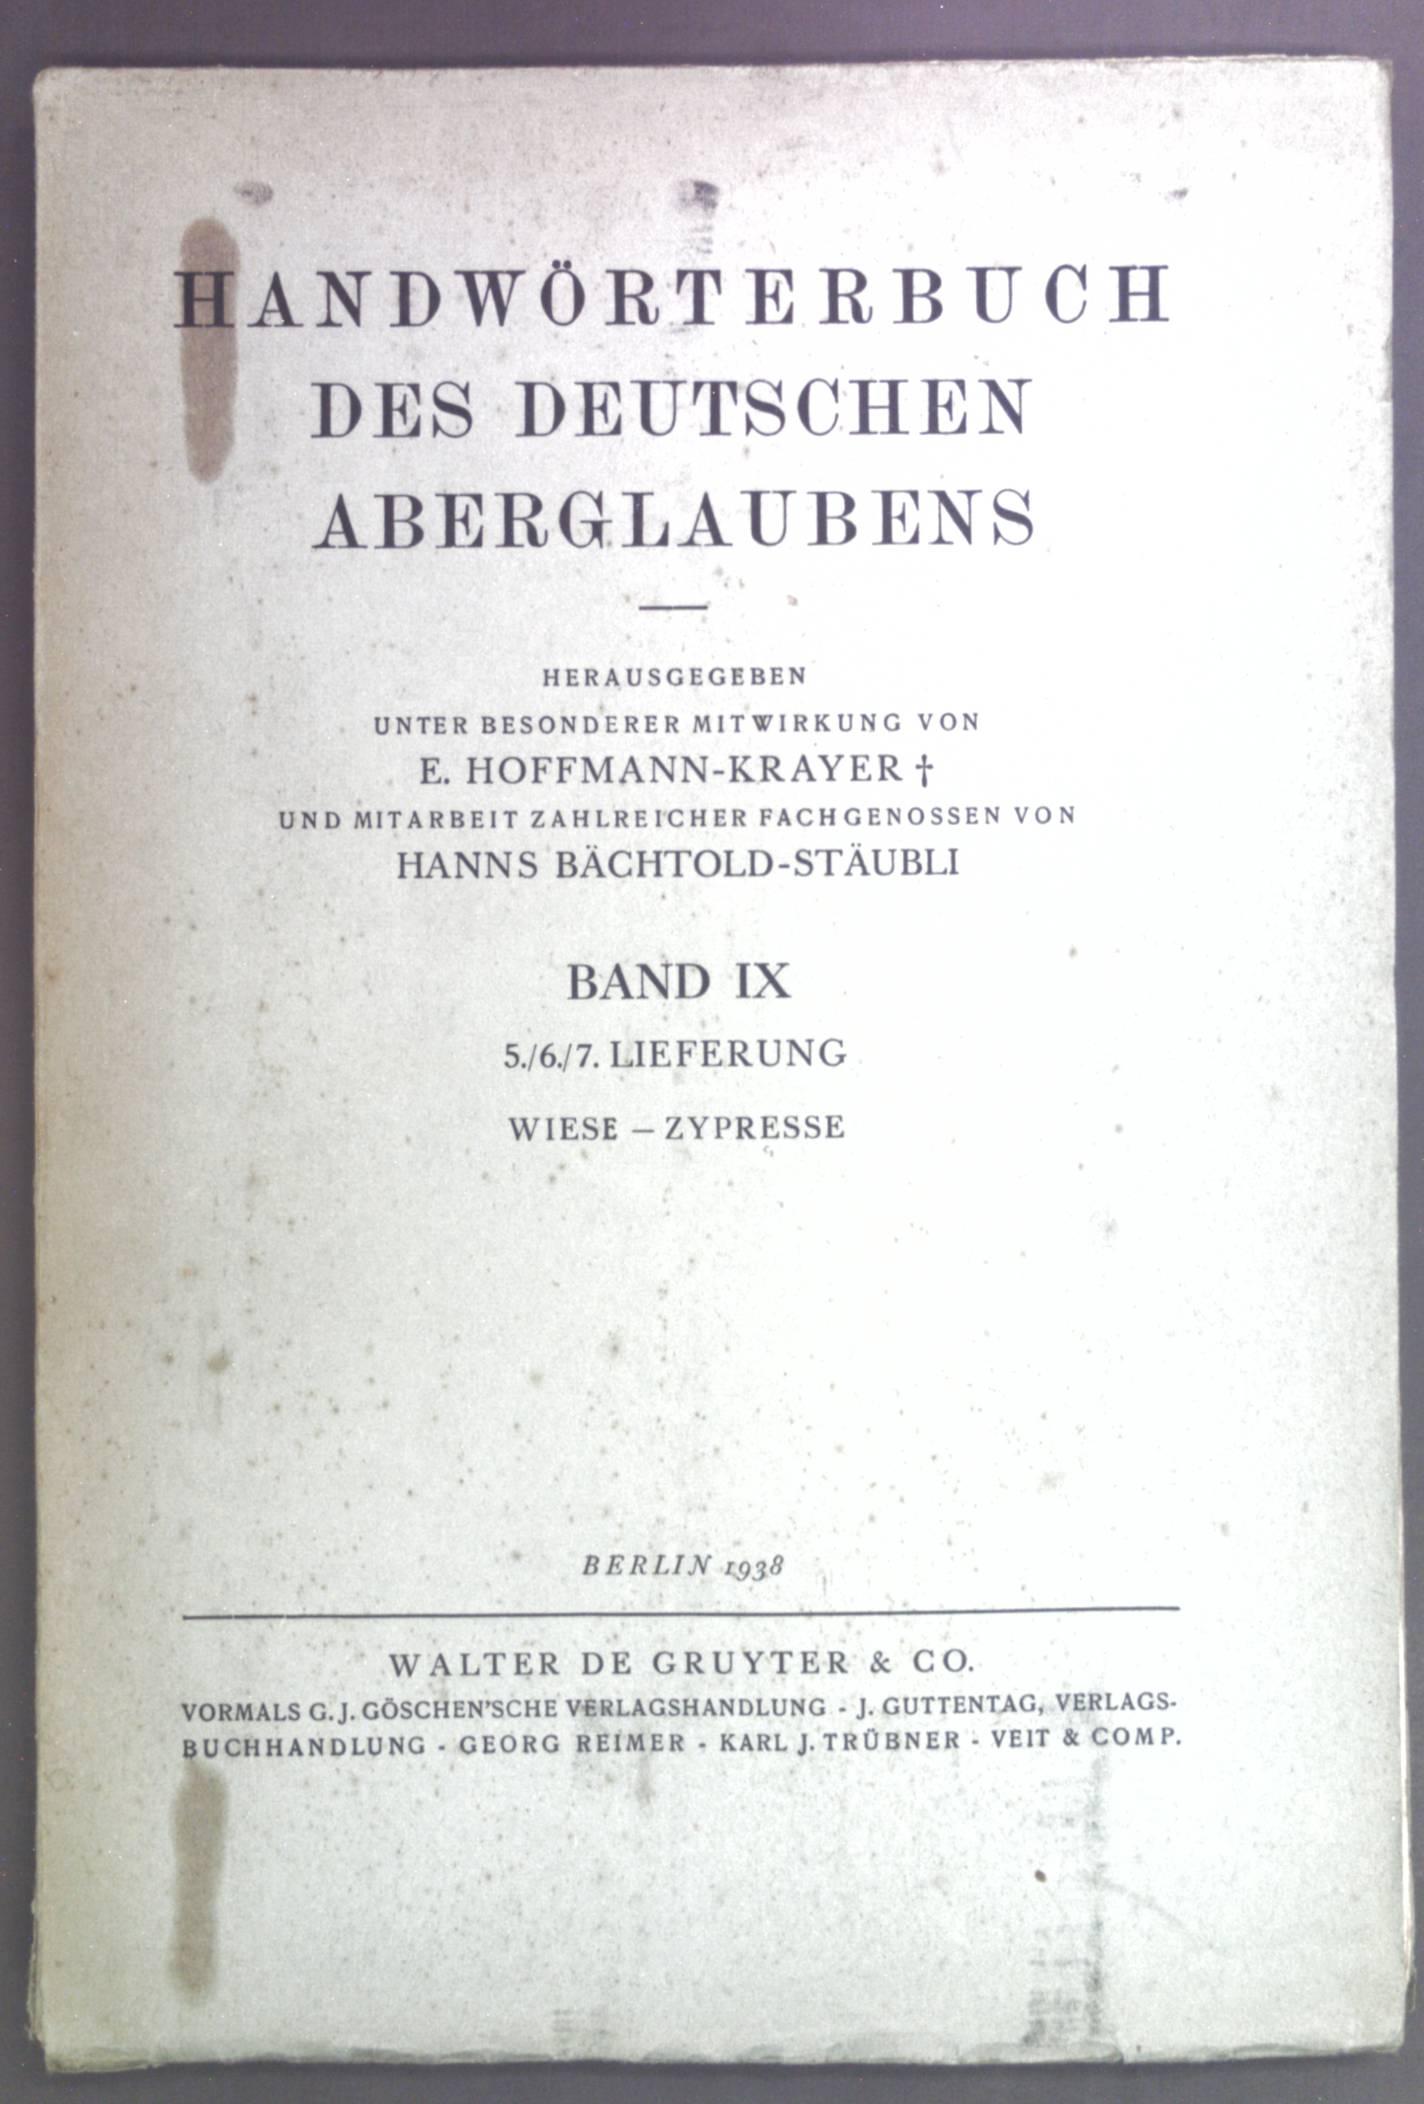 Handwörterbuch des deutschen Aberglaubens. Band IX, 5./6./7.: Hoffmann-Krayer, E. und